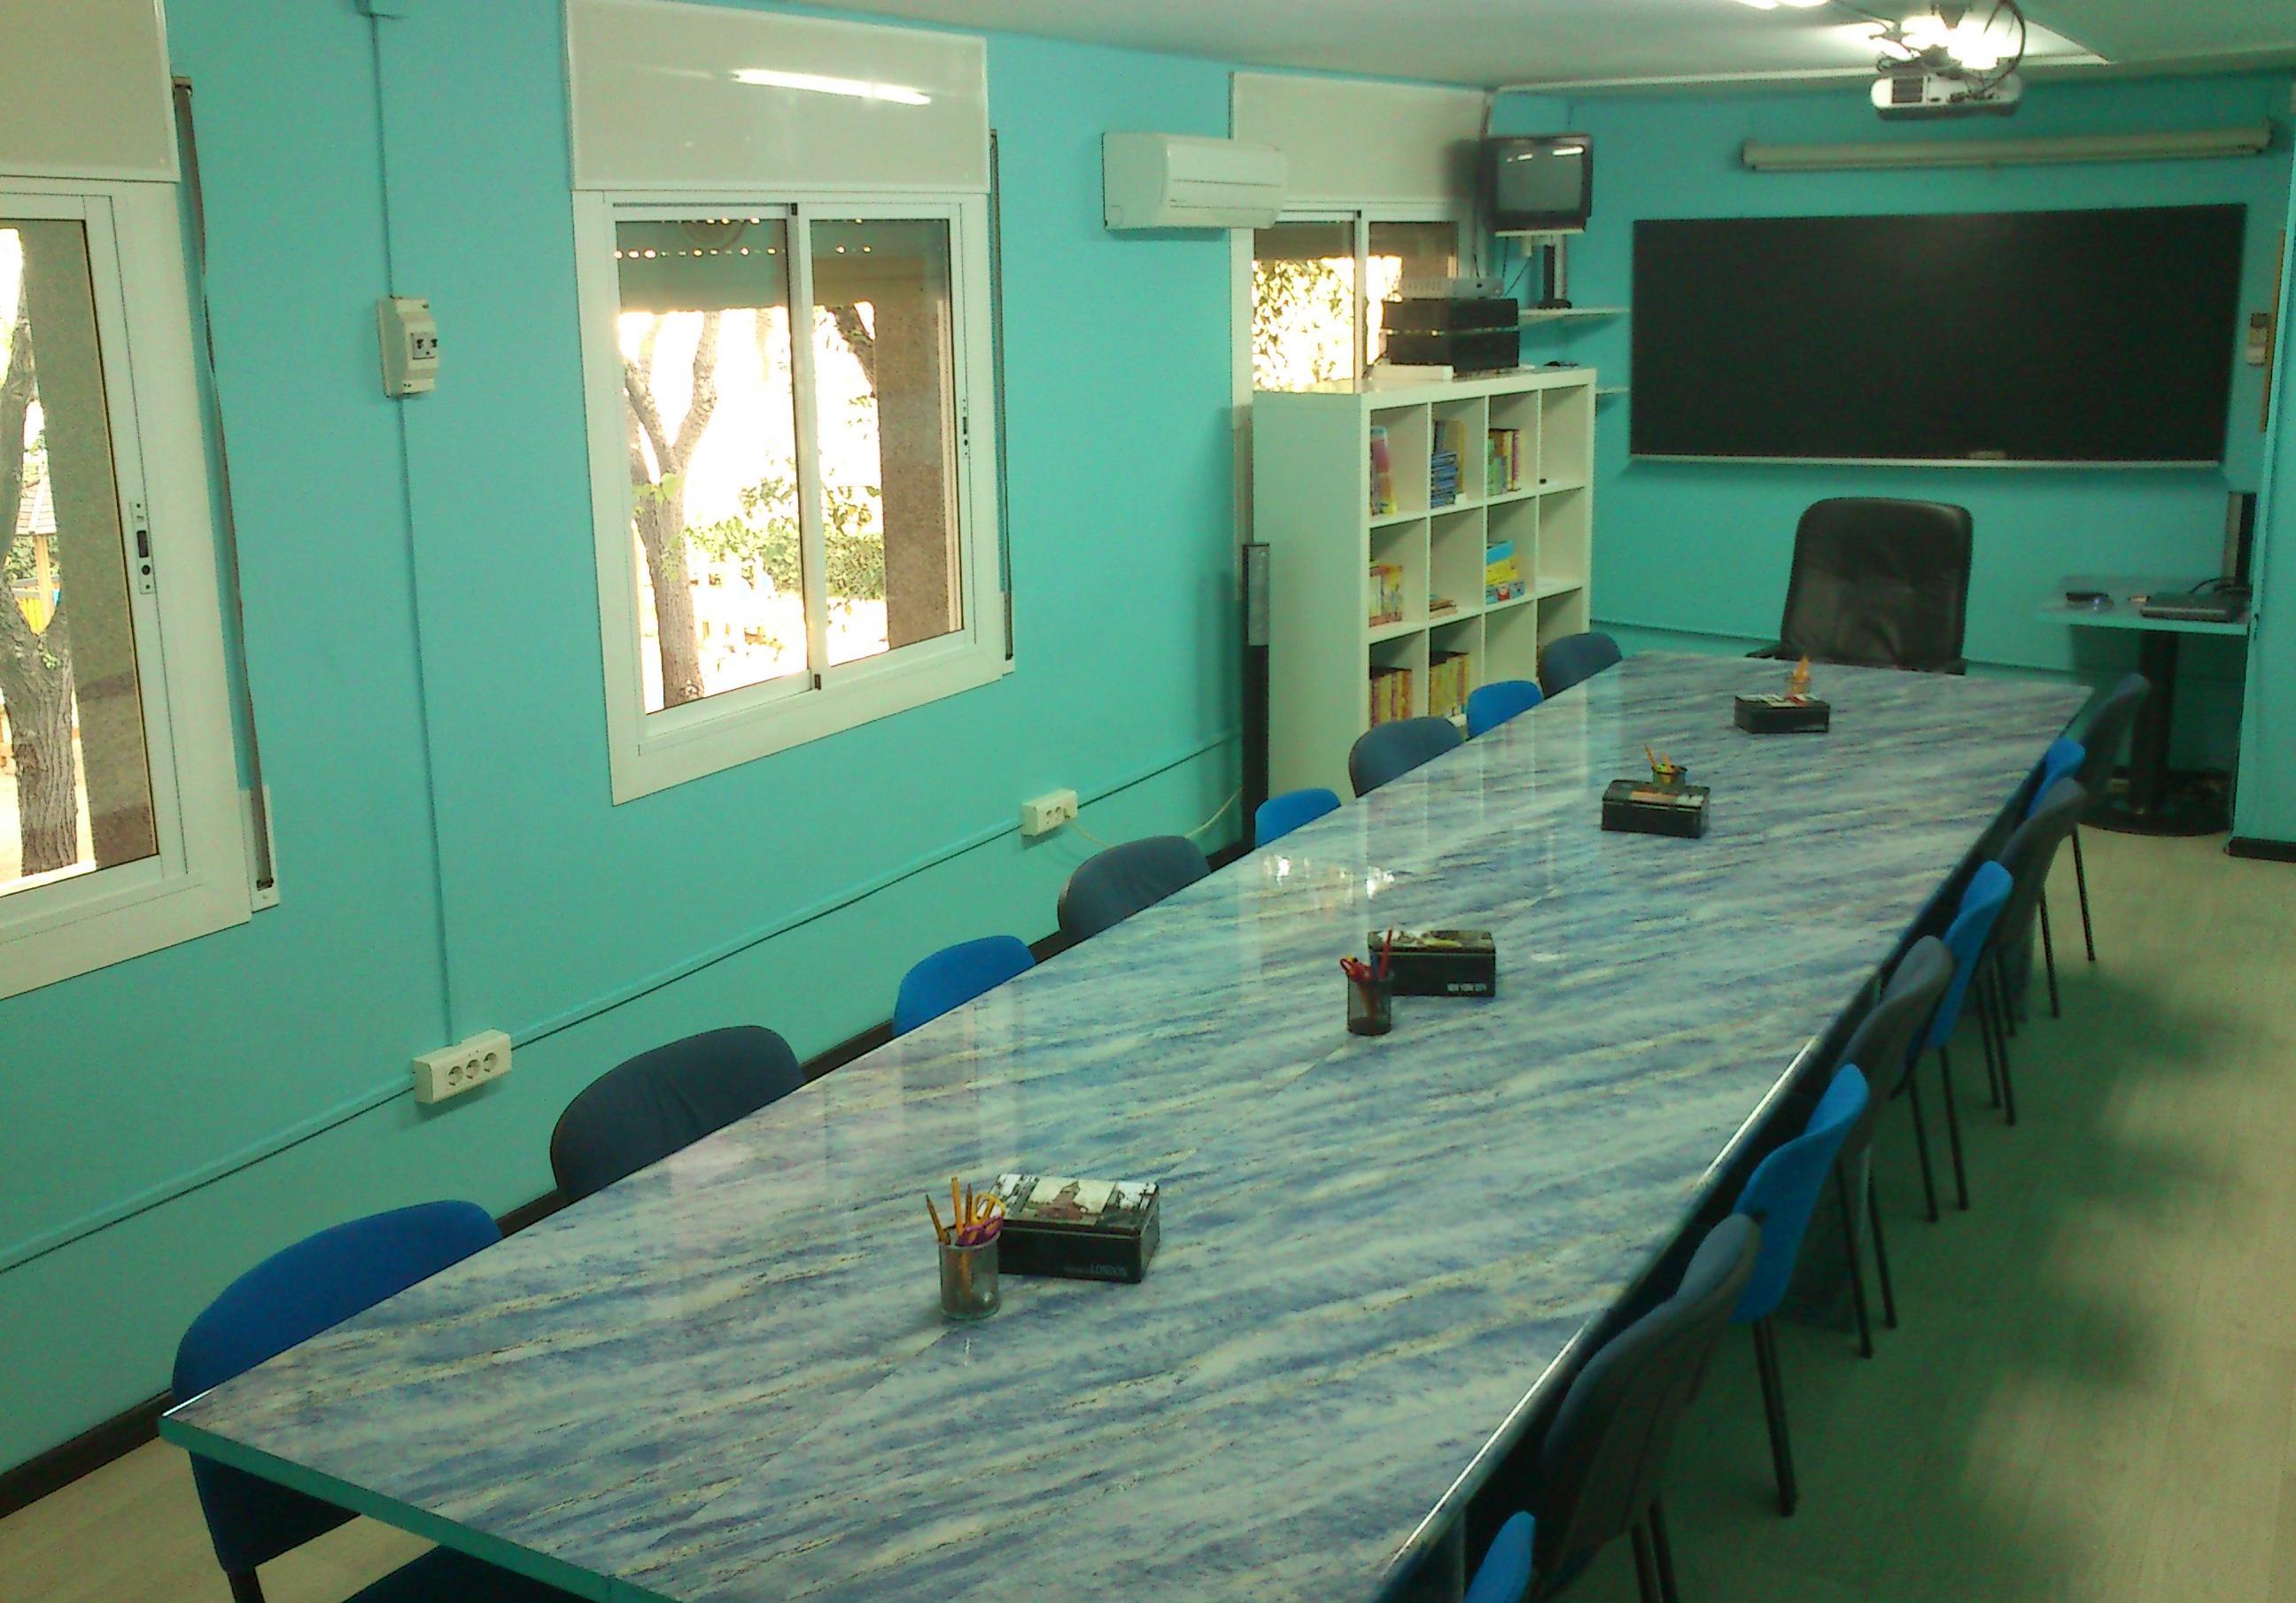 Foto 6 de Academias de idiomas en Badalona | Academia ICC